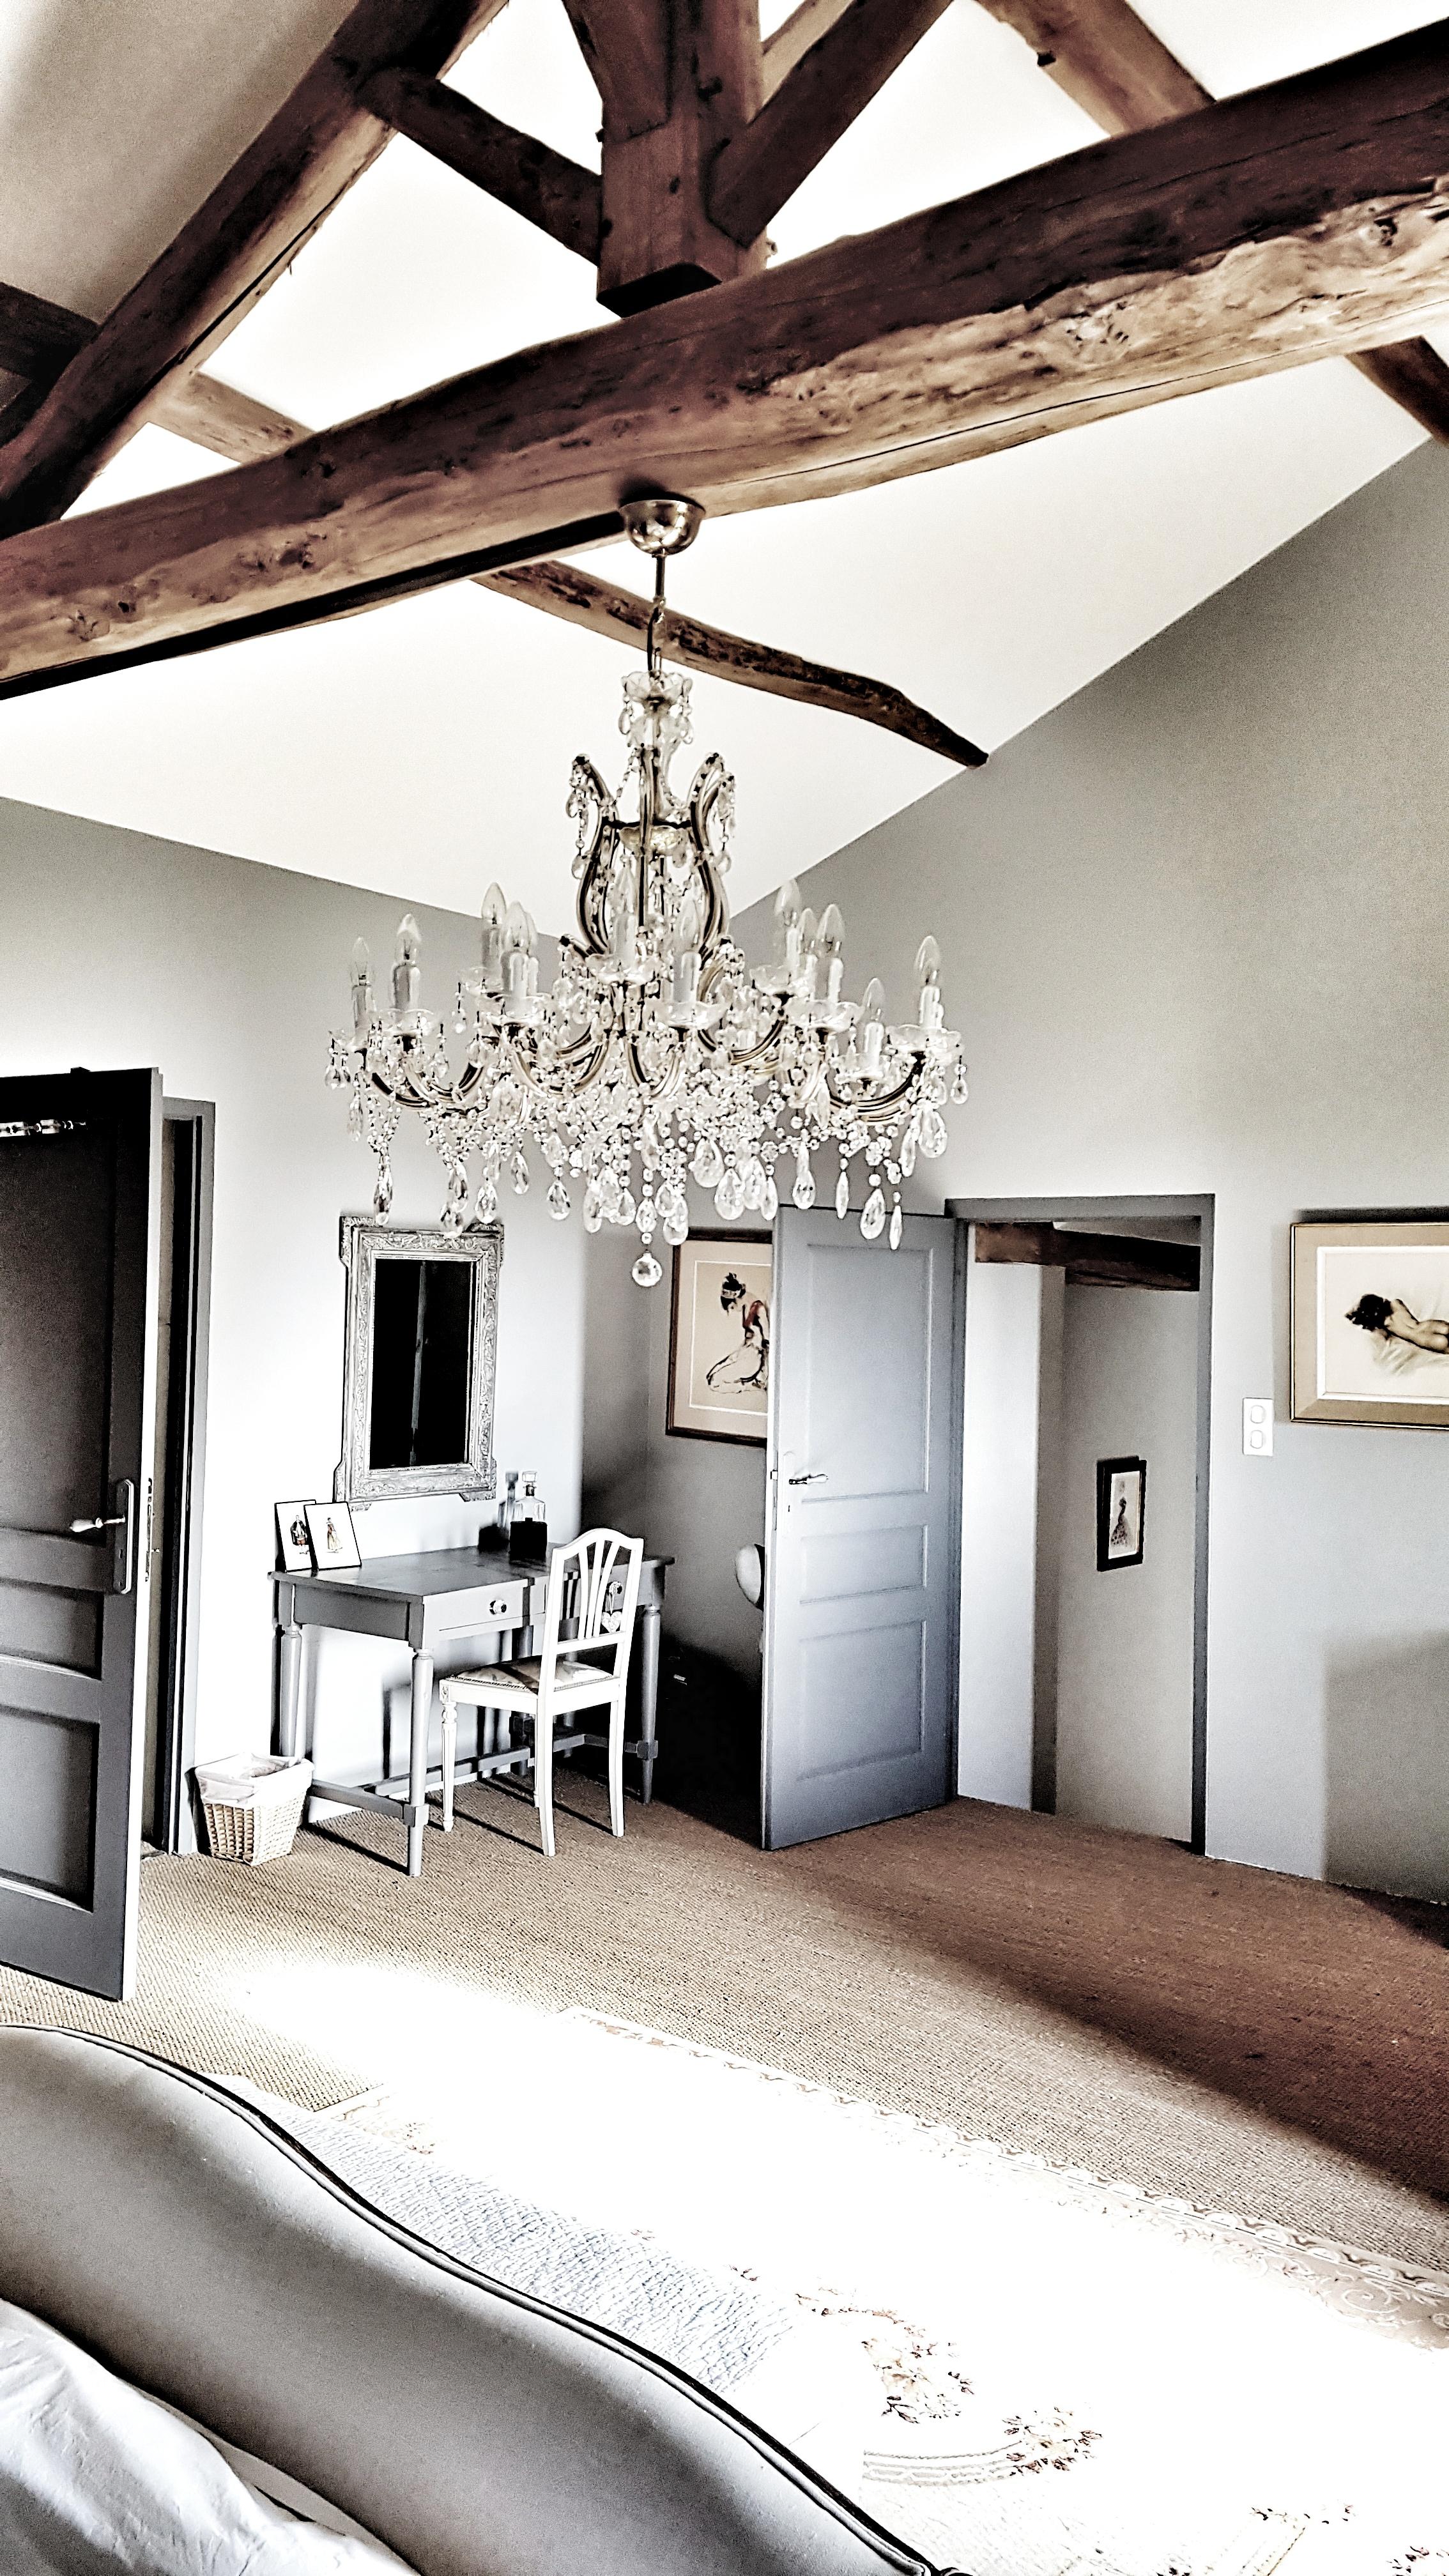 VCH Bedroom 5(2) (2).jpeg